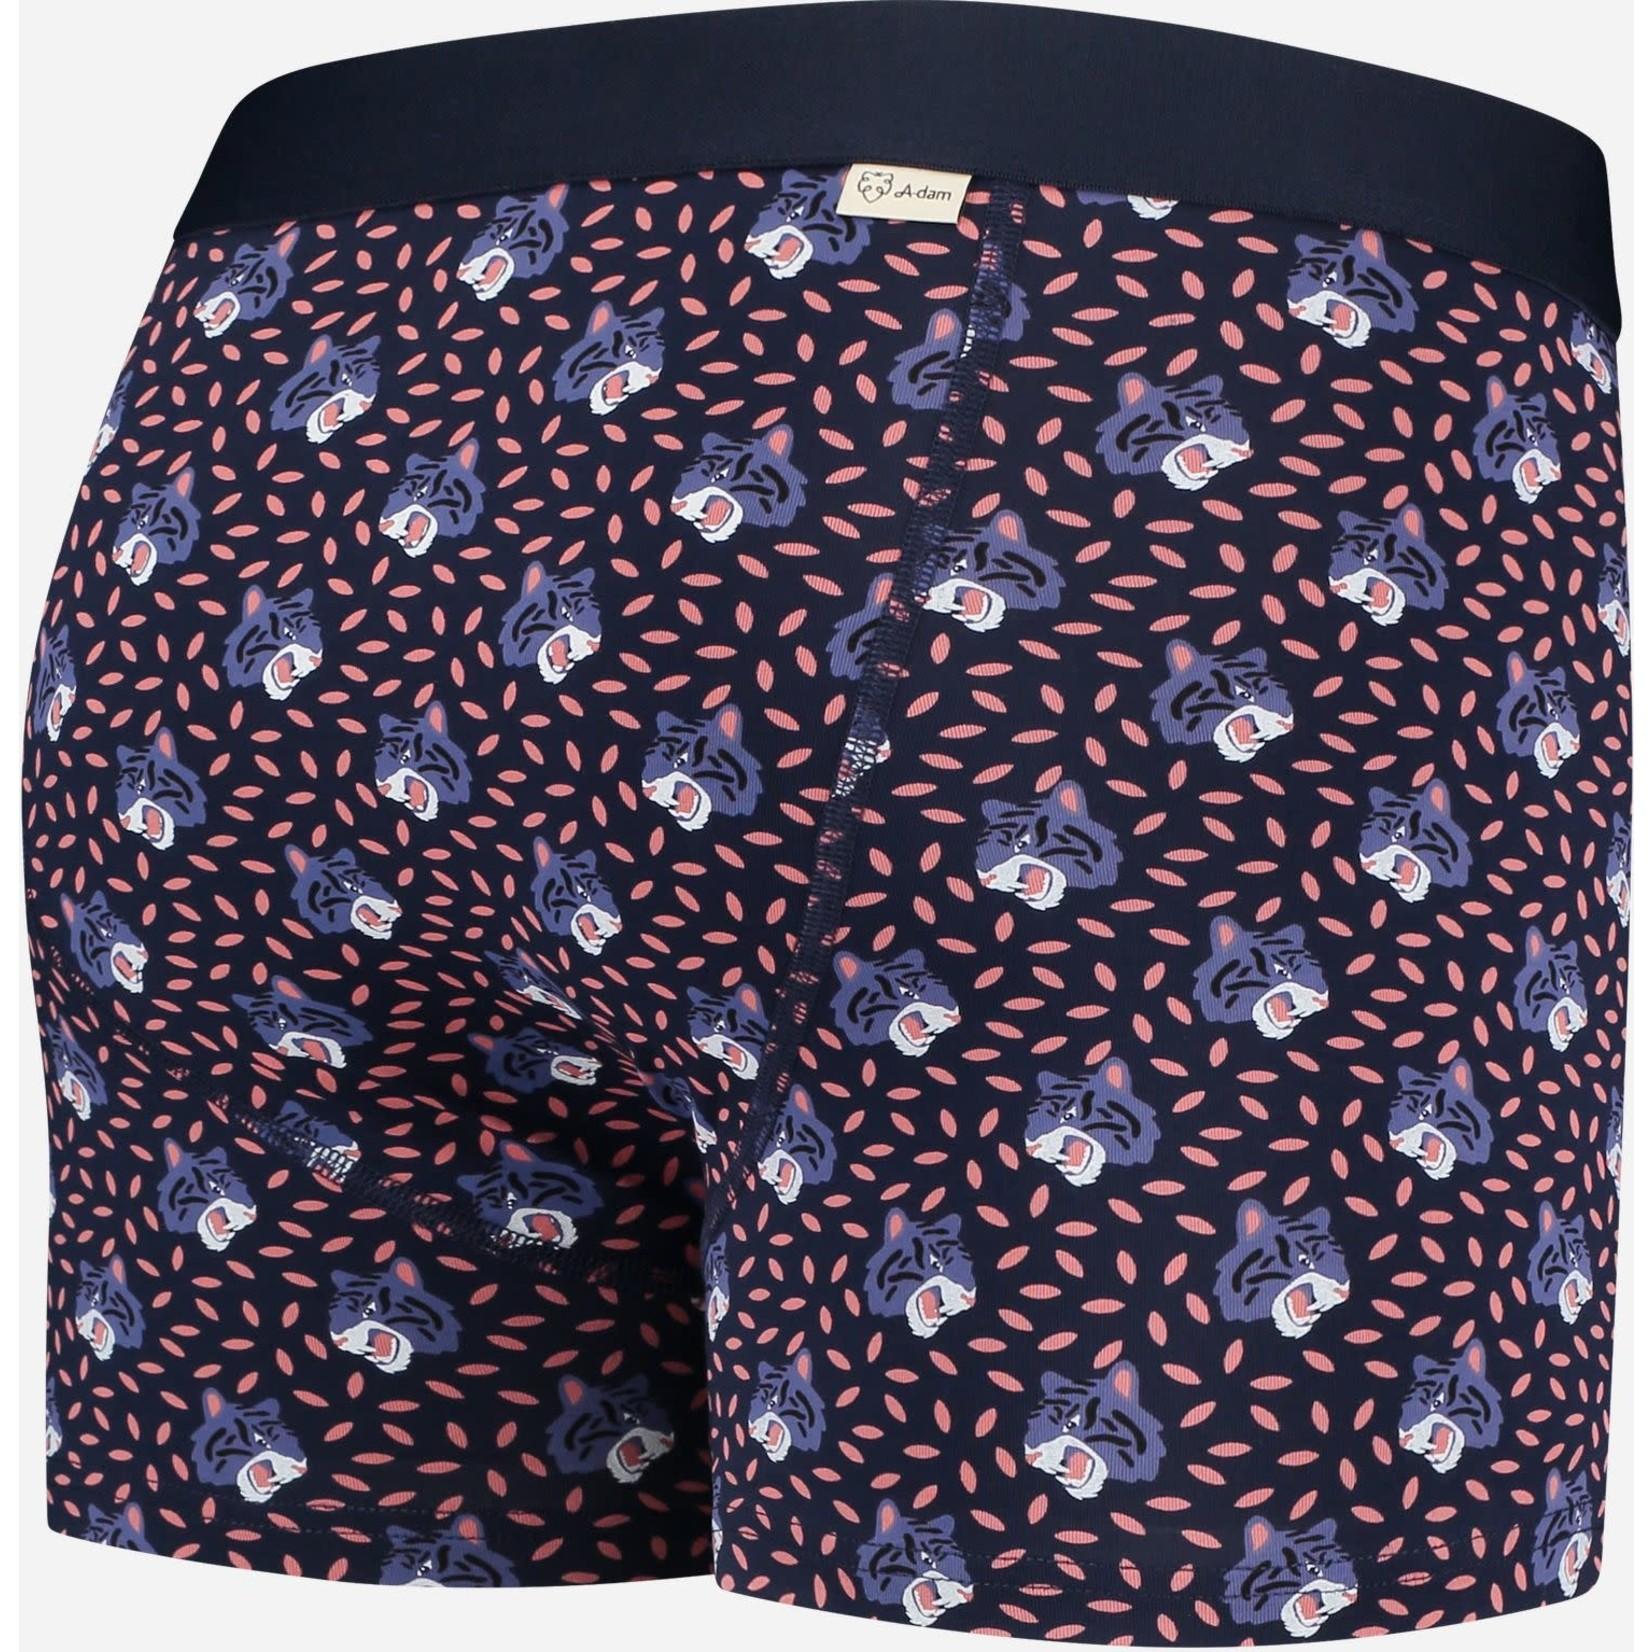 A-dam Underwear boxer Ted